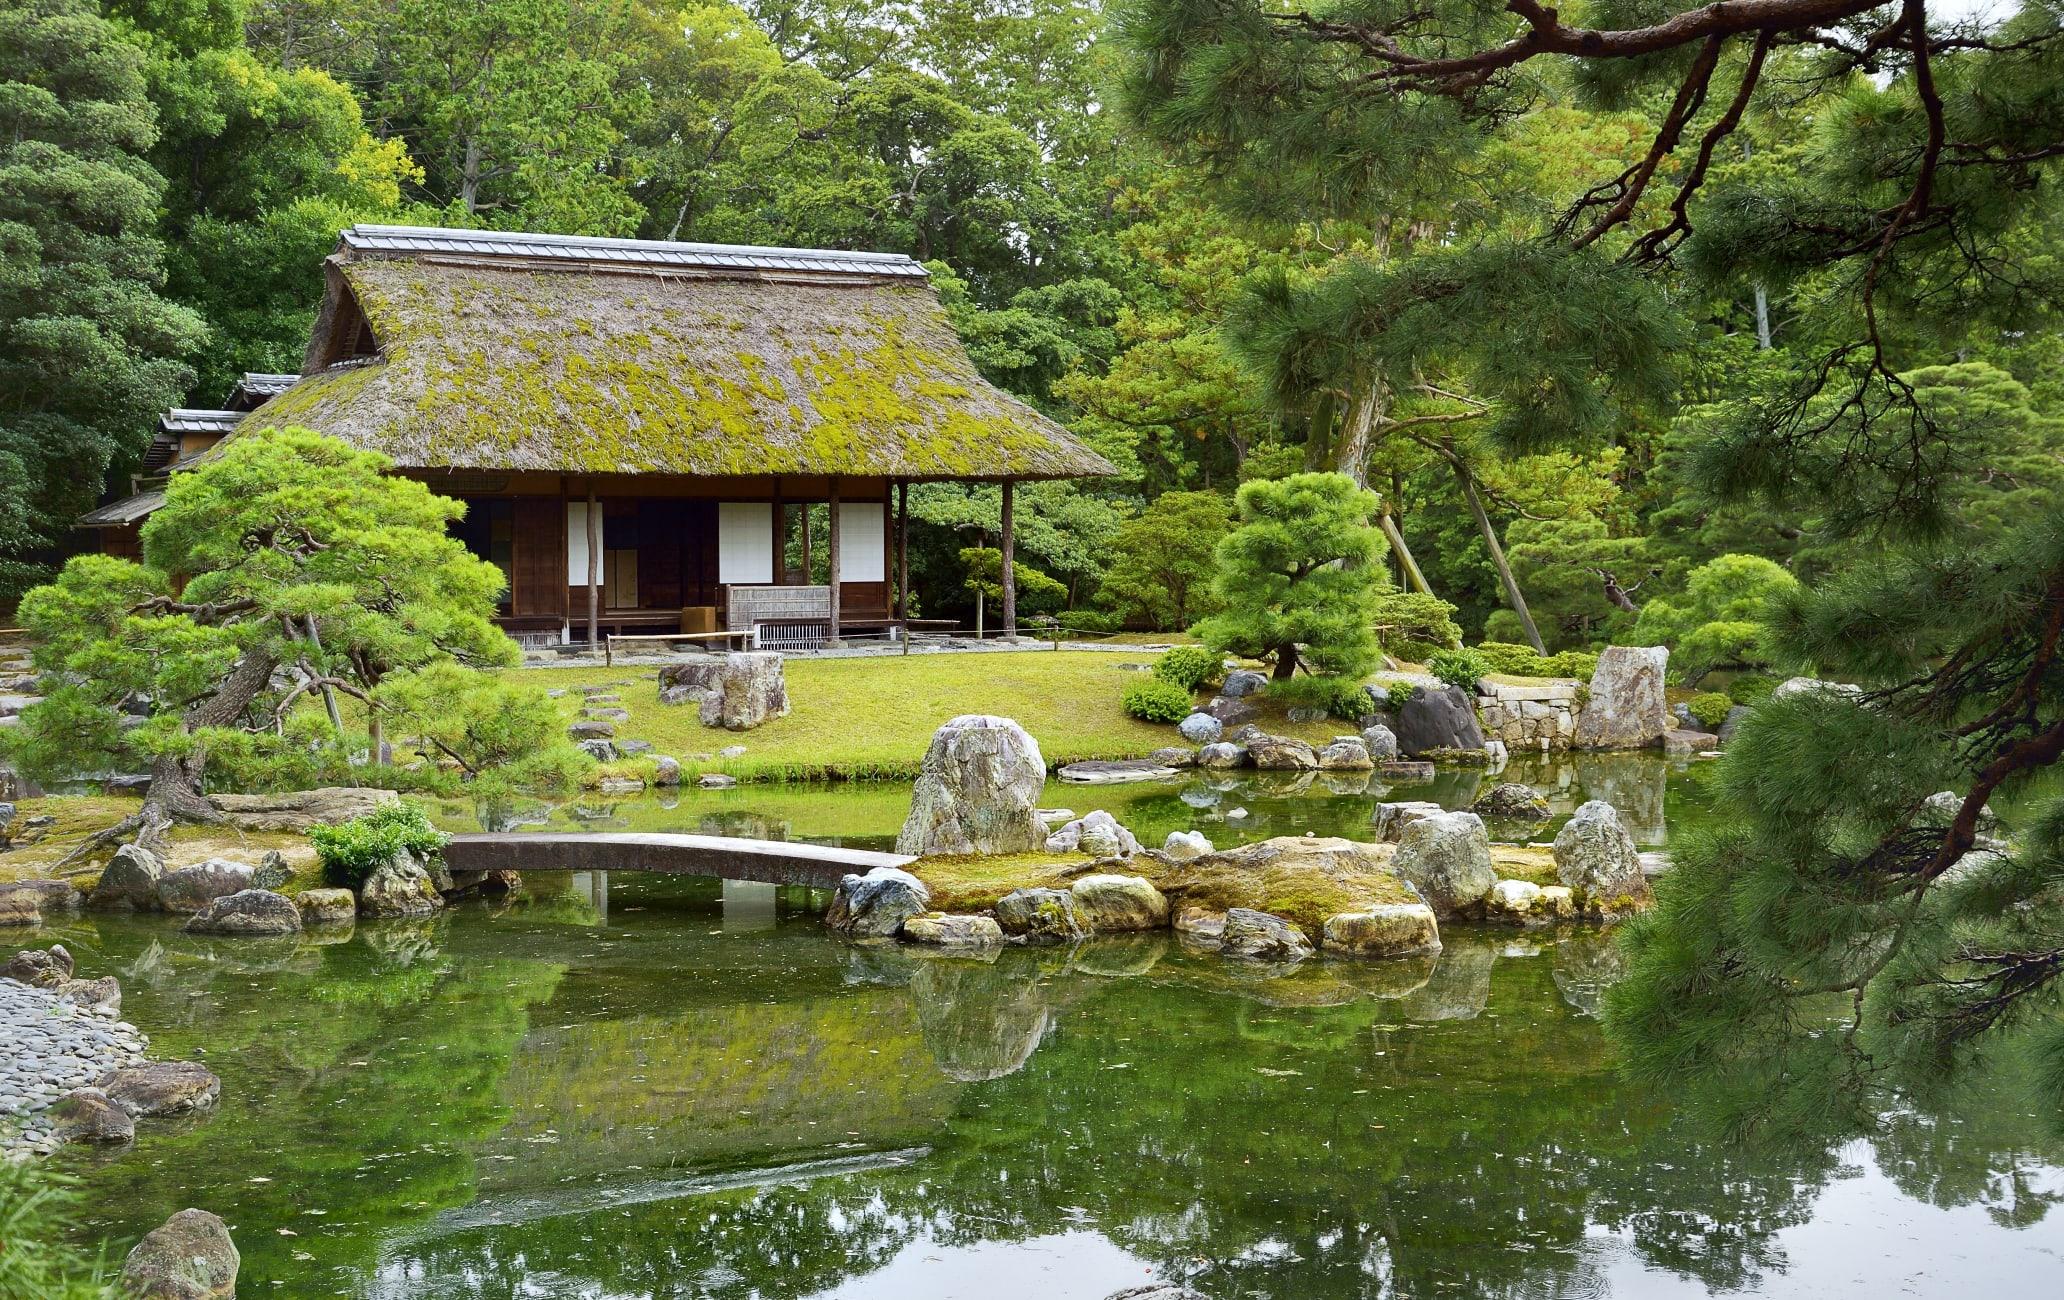 Katsura-Rikyu Garden